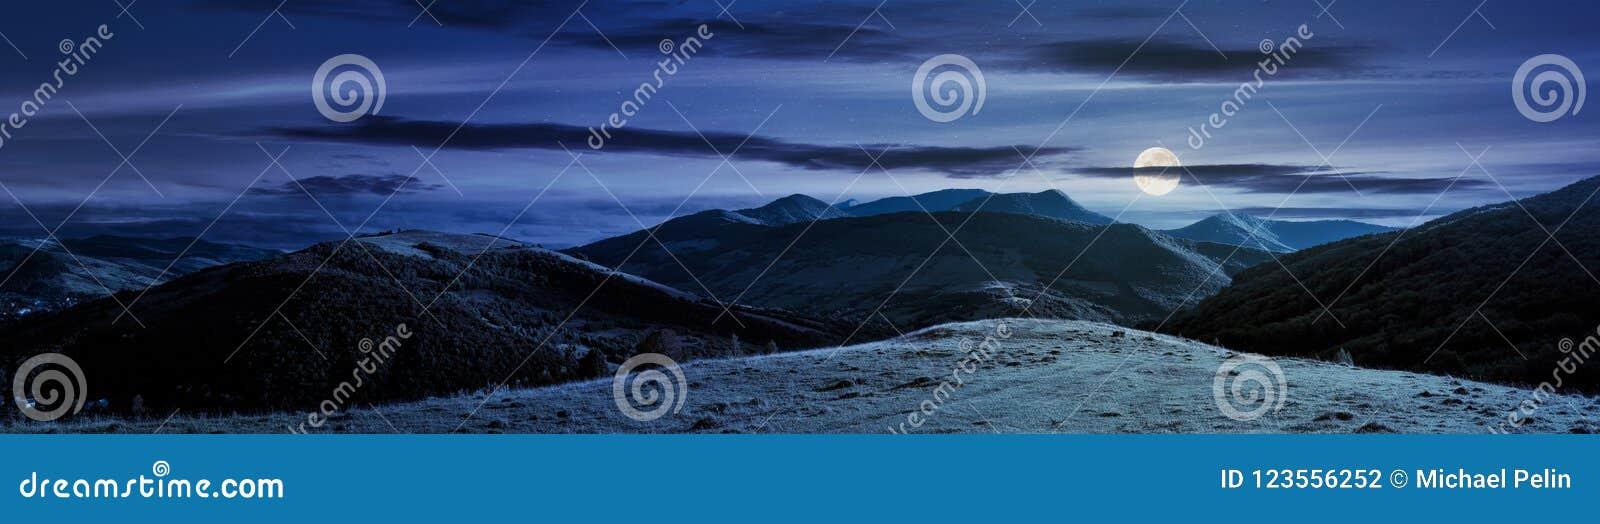 Panorama do campo montanhoso na noite